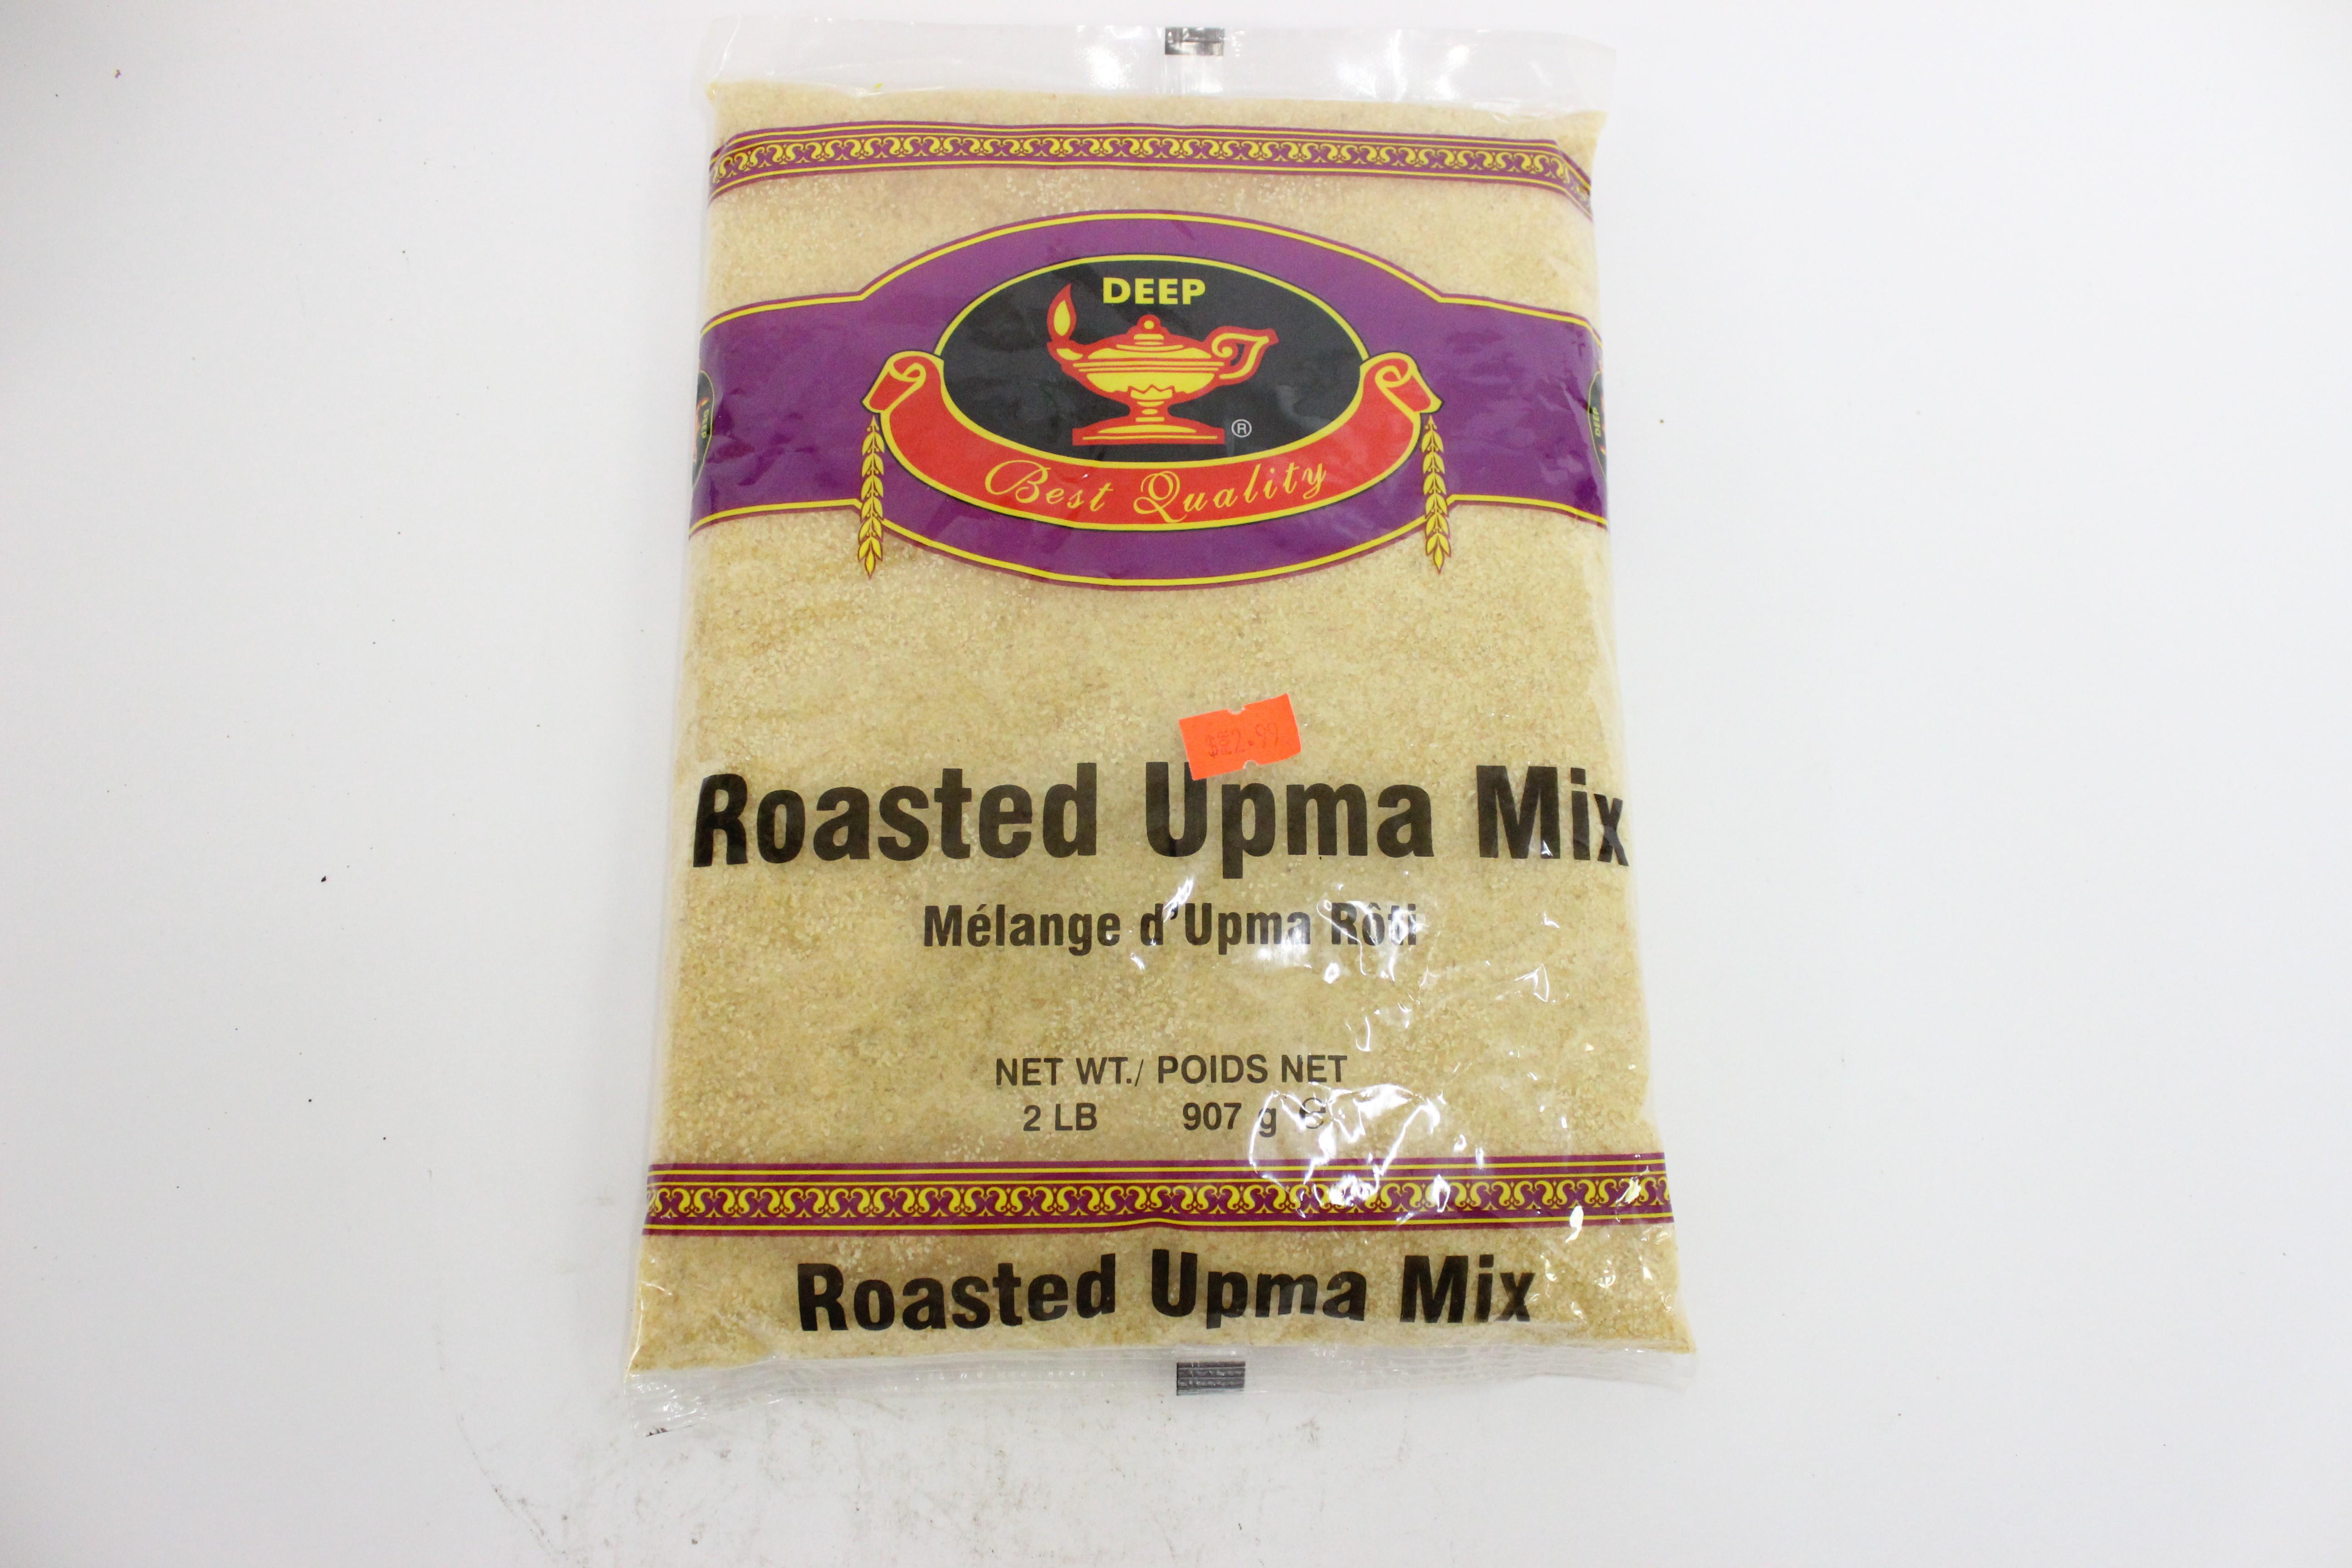 Deep Roasted Upma Mix 2 lbs